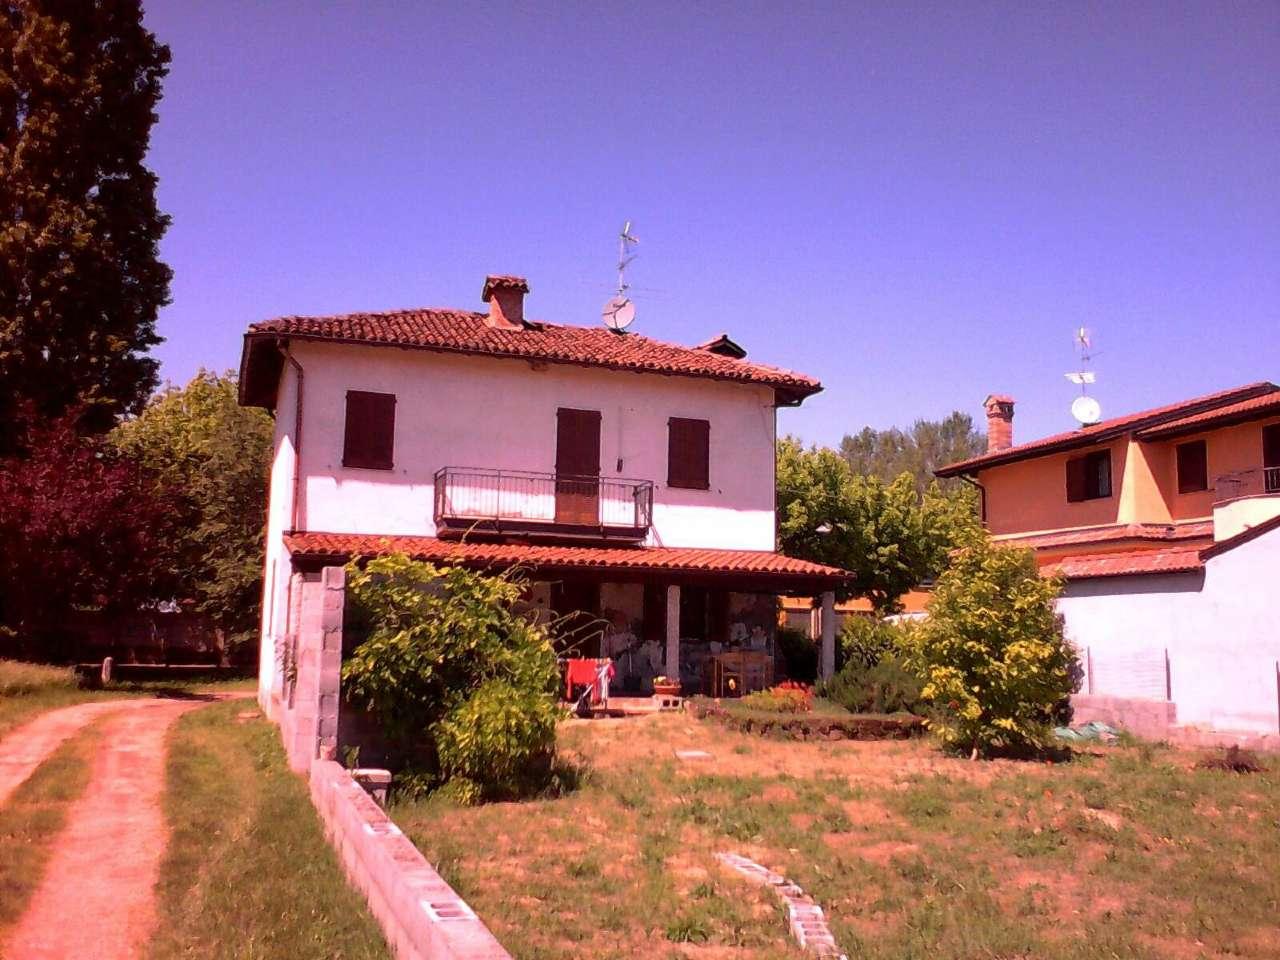 Soluzione Indipendente in vendita a Zinasco, 5 locali, prezzo € 225.000 | Cambio Casa.it